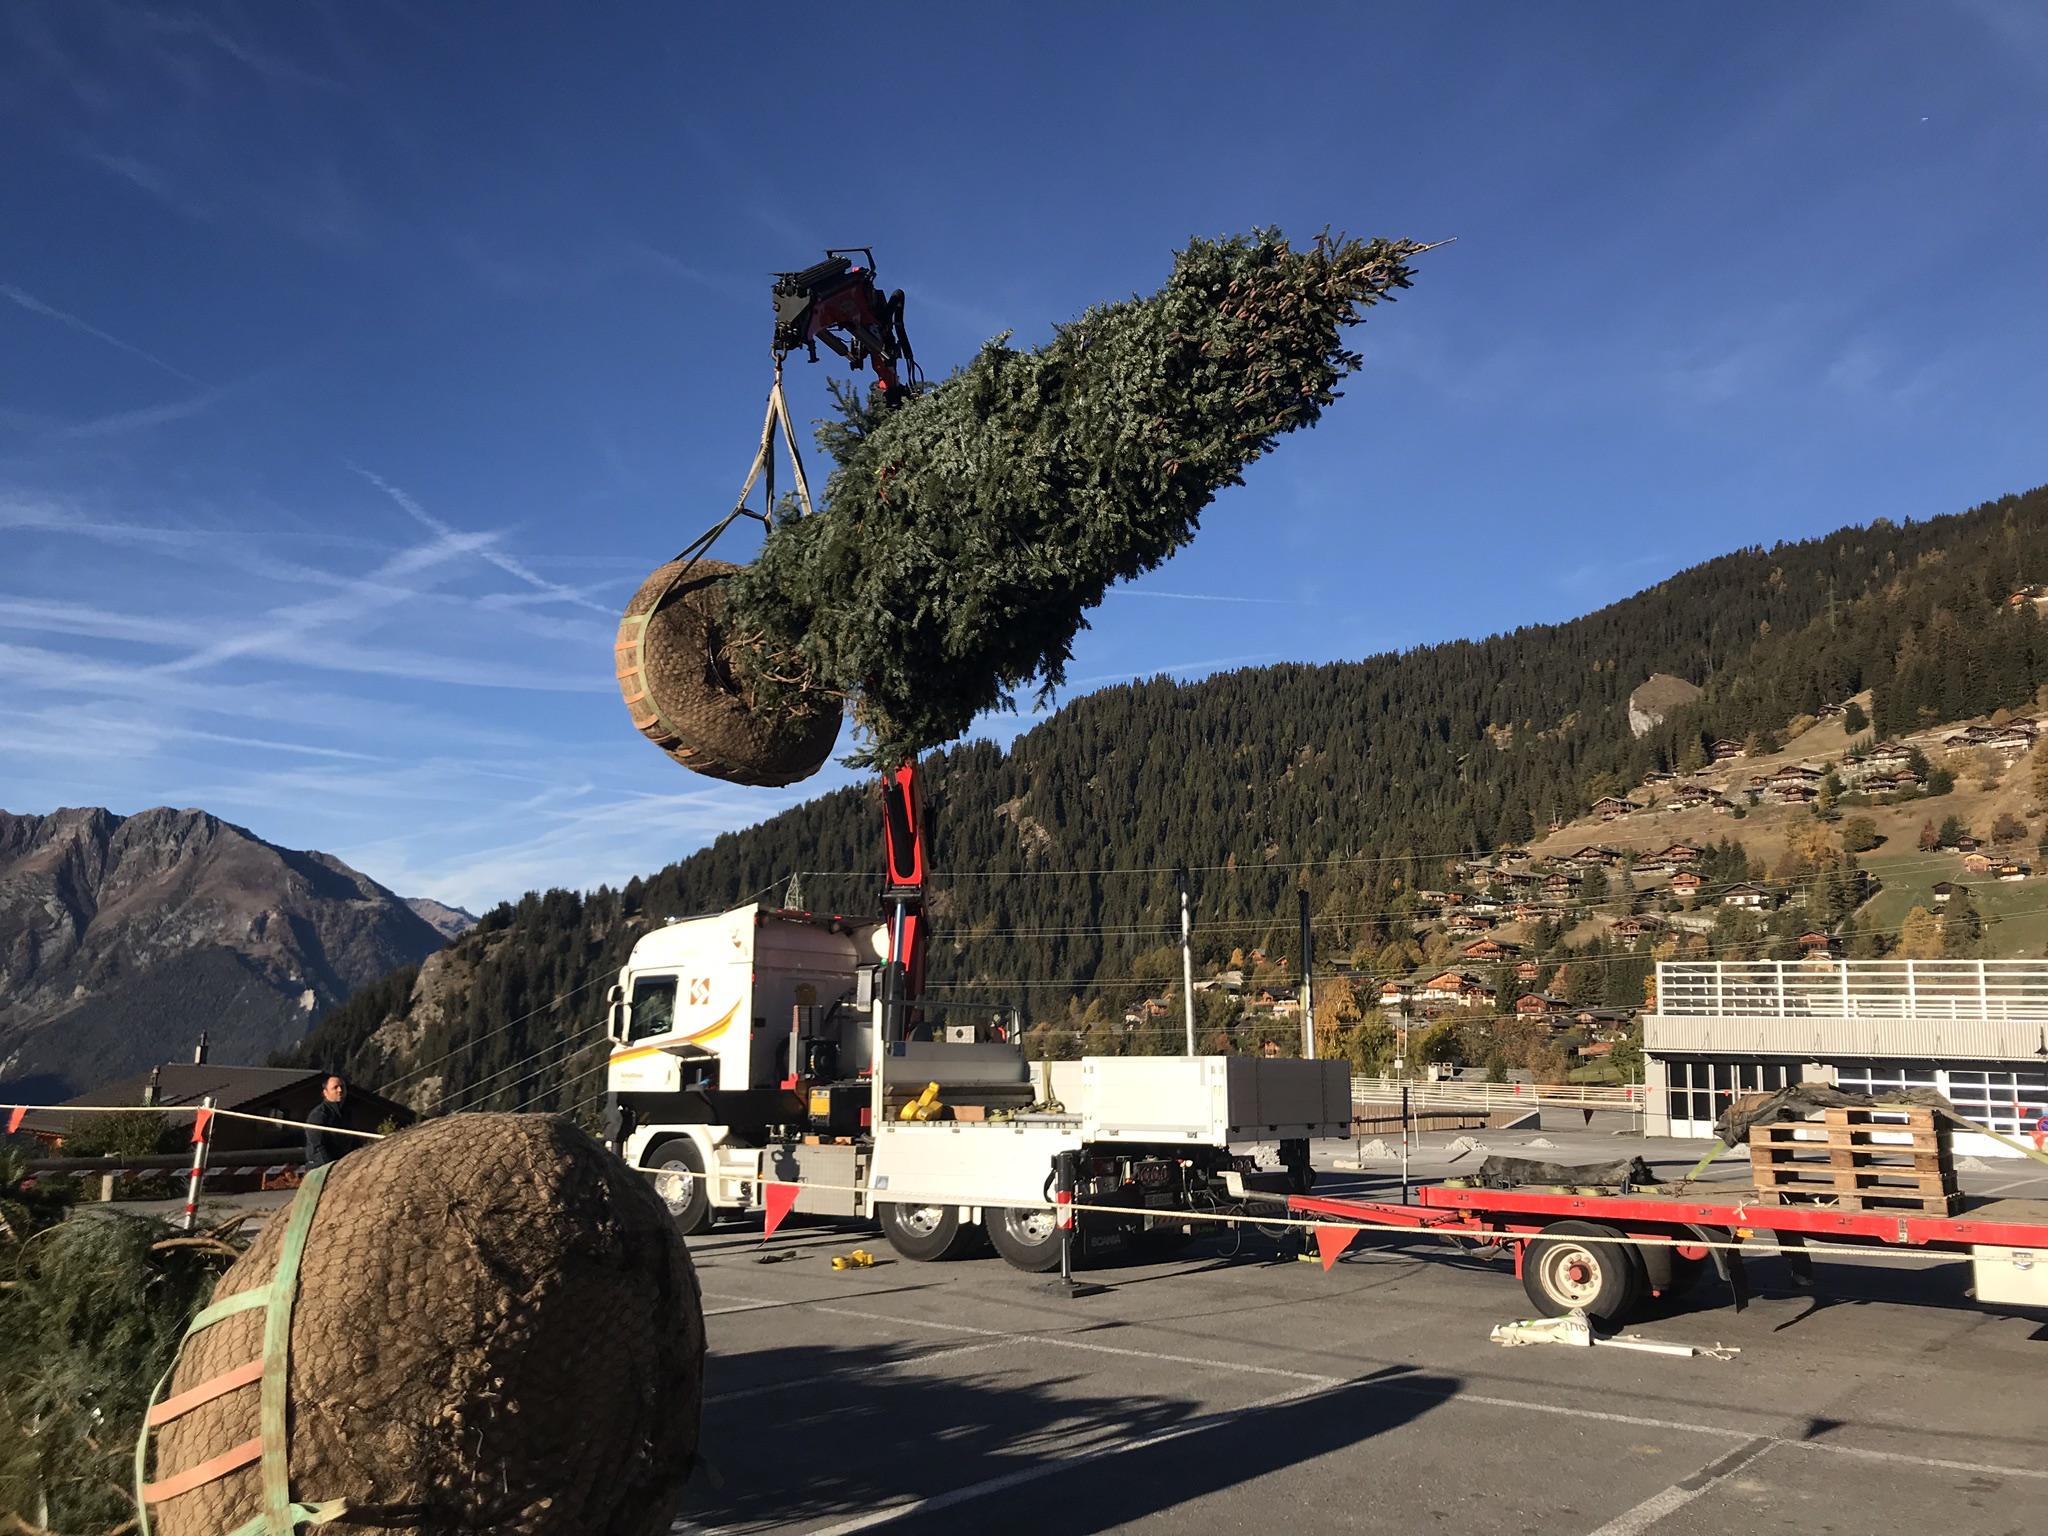 Order-large-tree-verbier-bagnes